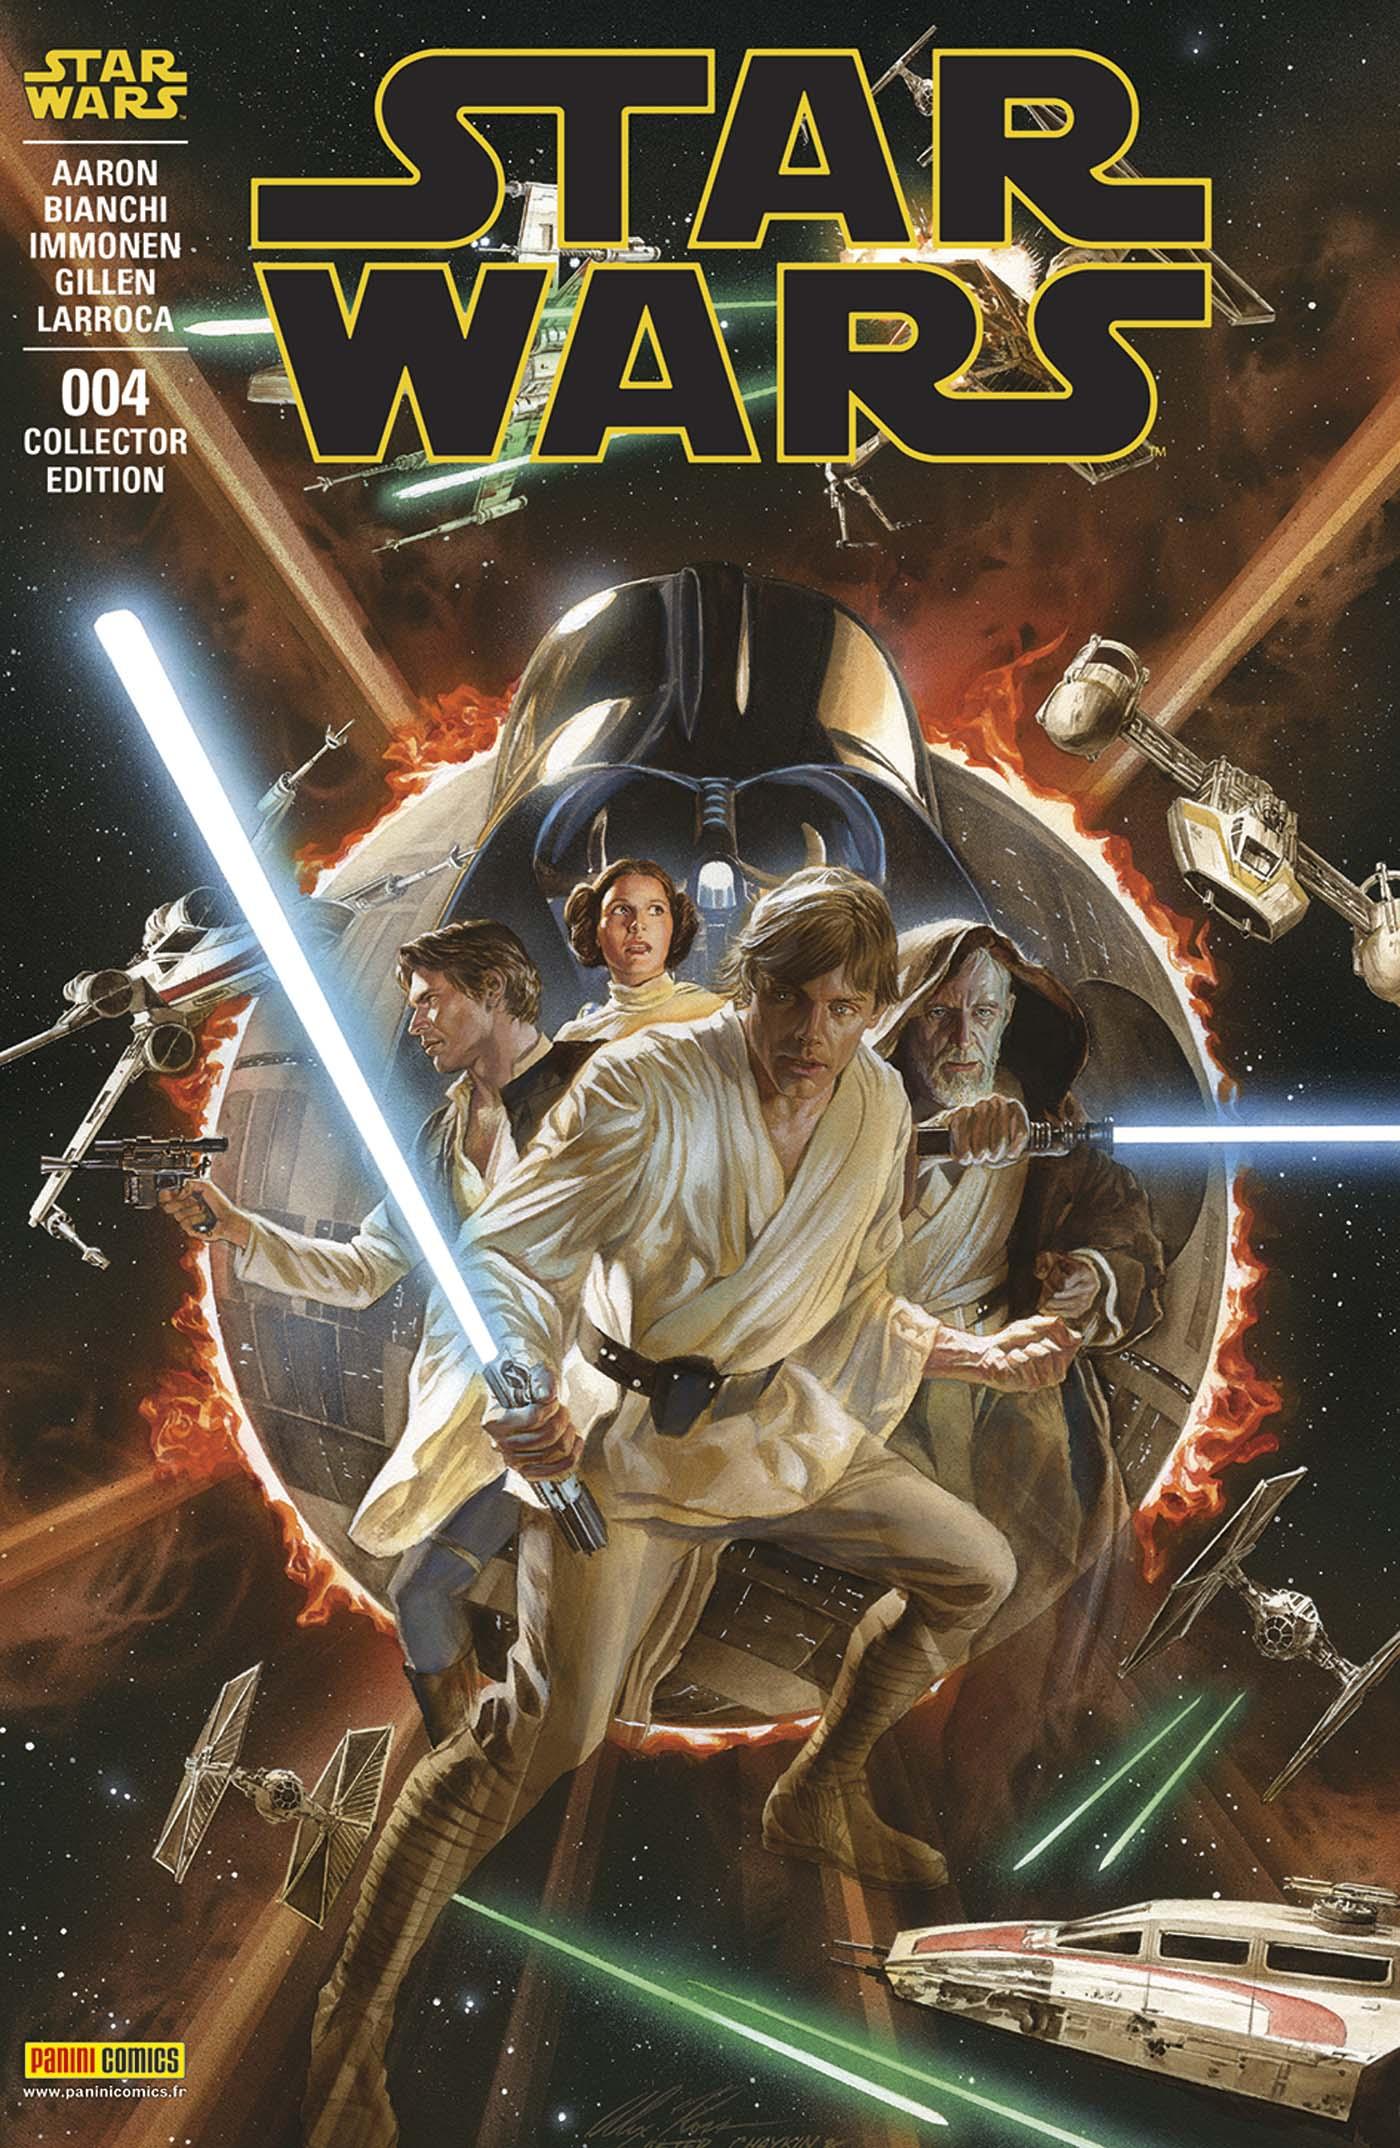 Star Wars 4 - Couverture collector : « coté lumineux de la Force » (Alex Ross – tirage limite a 1.500 exemplaires) + t-shirt L